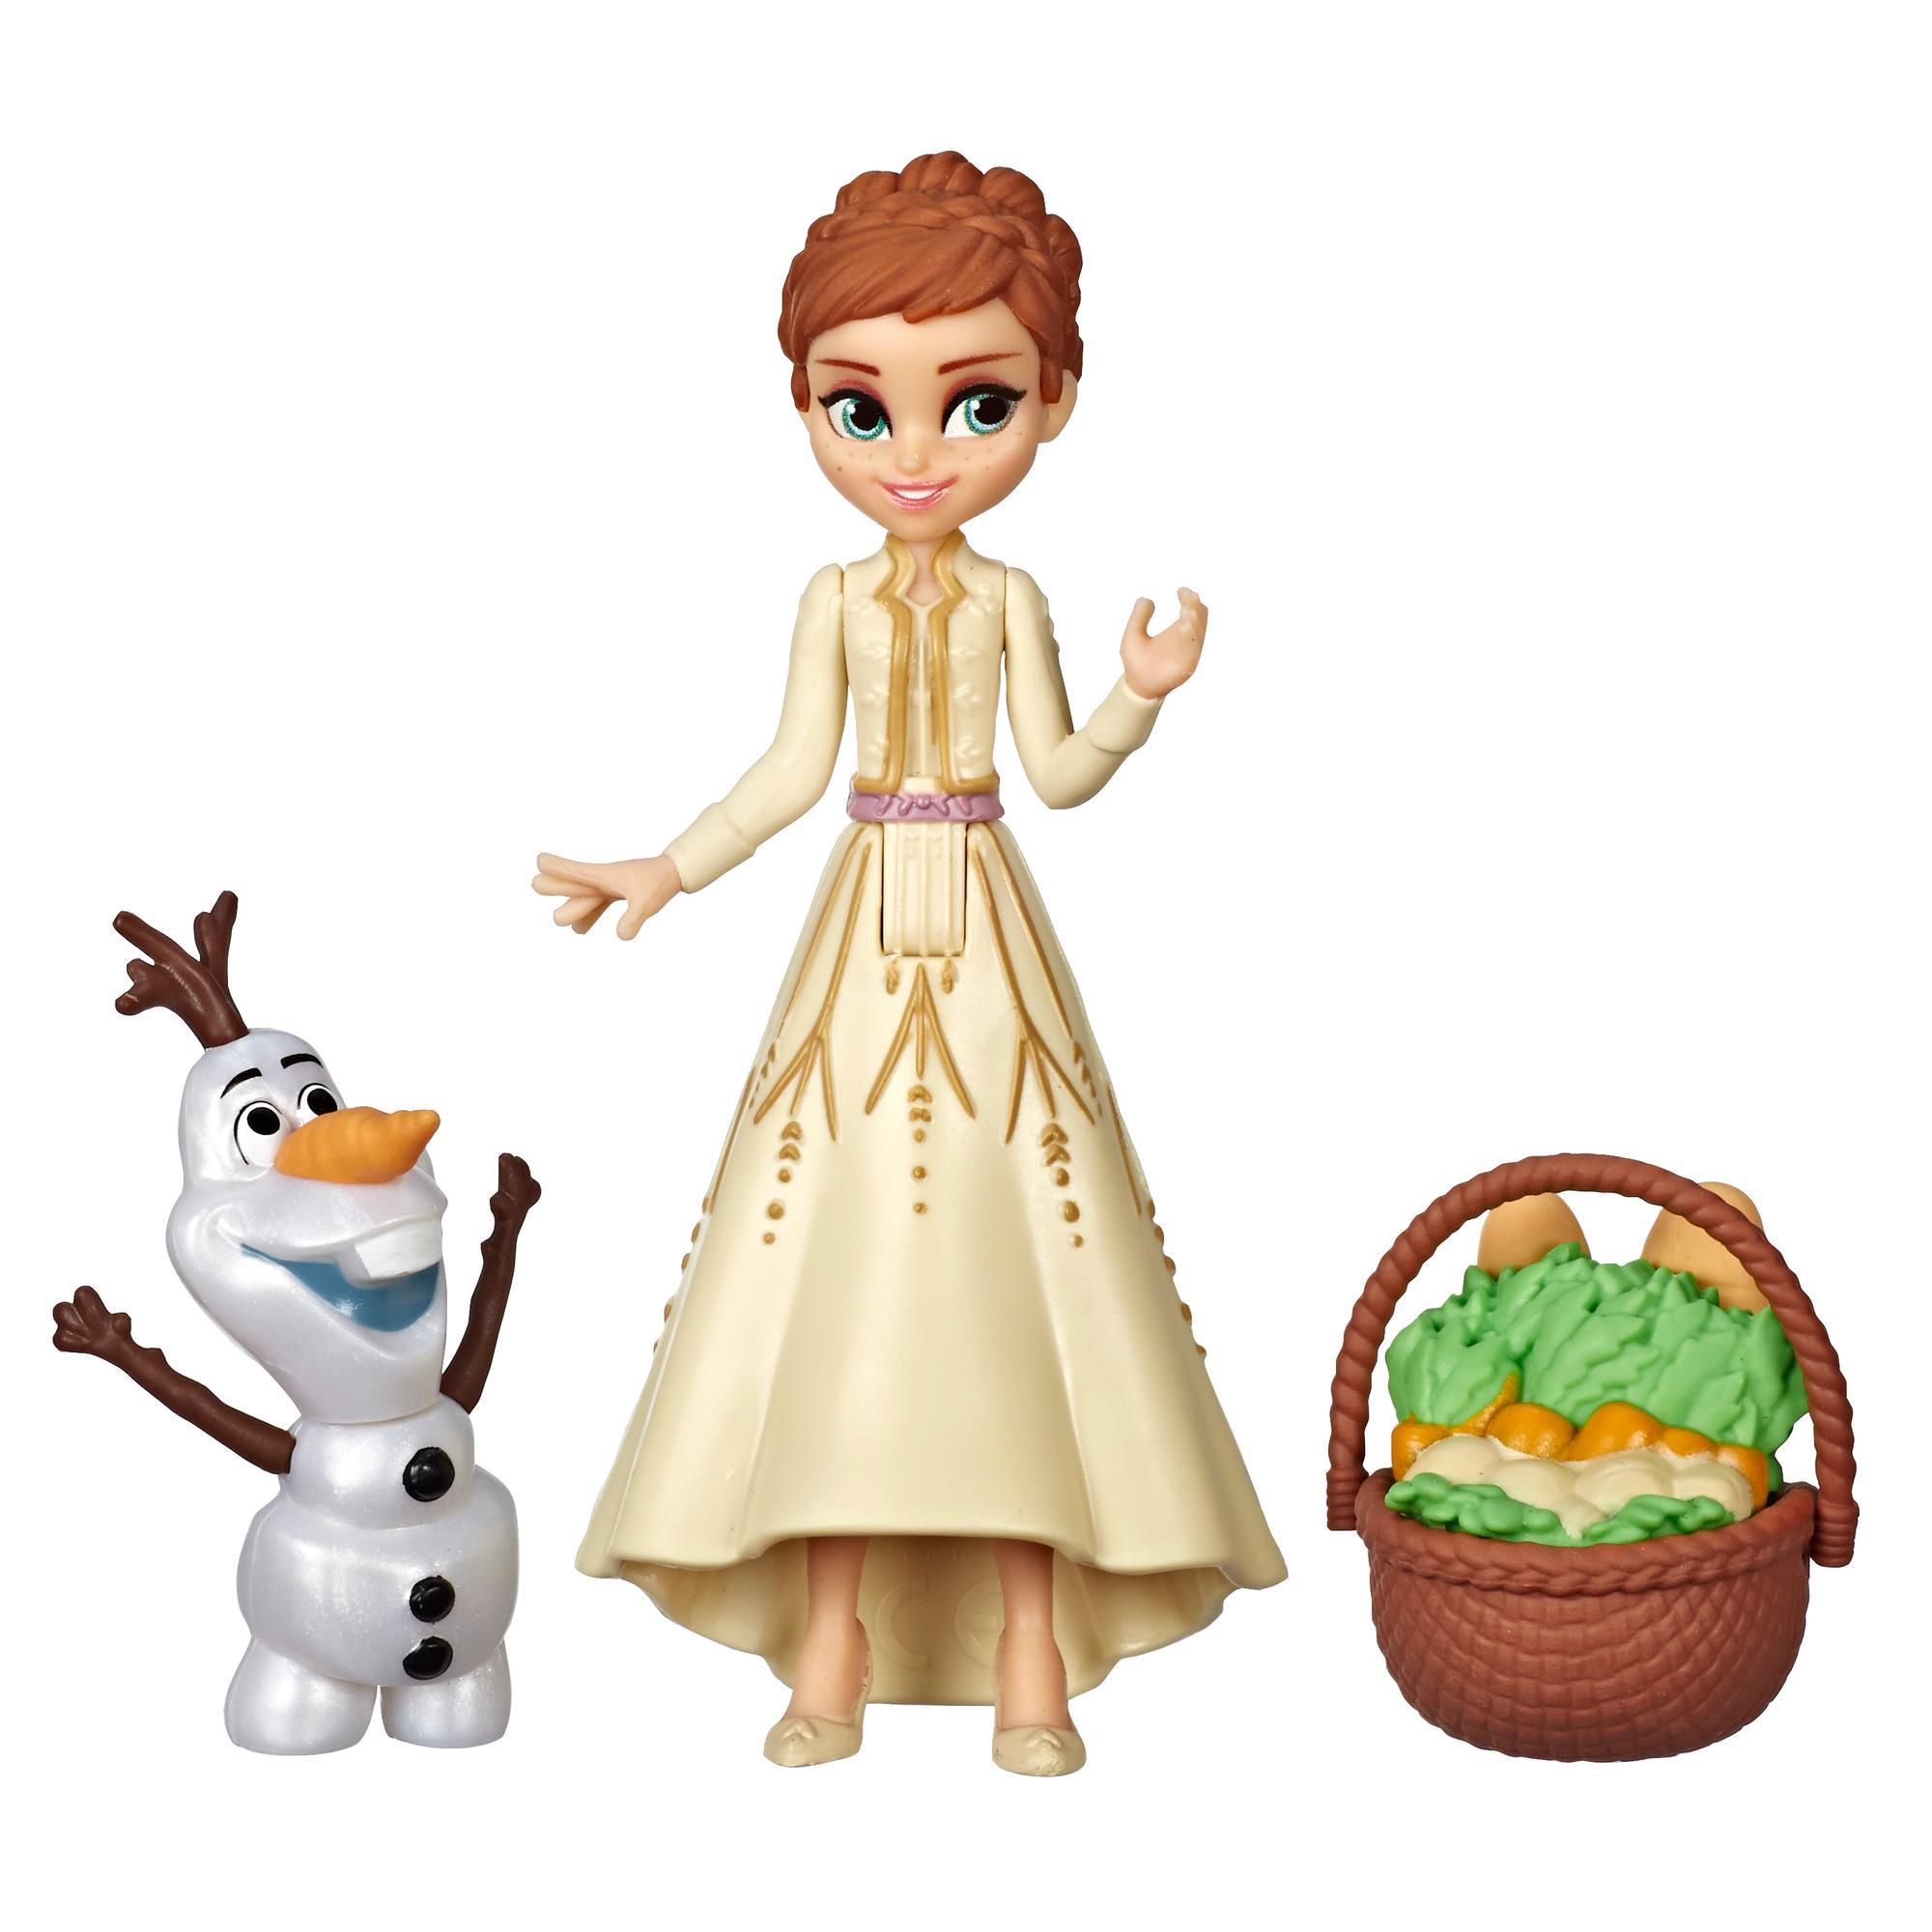 Disney Die Eiskönigin kleine Anna Puppe mit Olaf und Korb, inspiriert durch den Film Die Eiskönigin 2